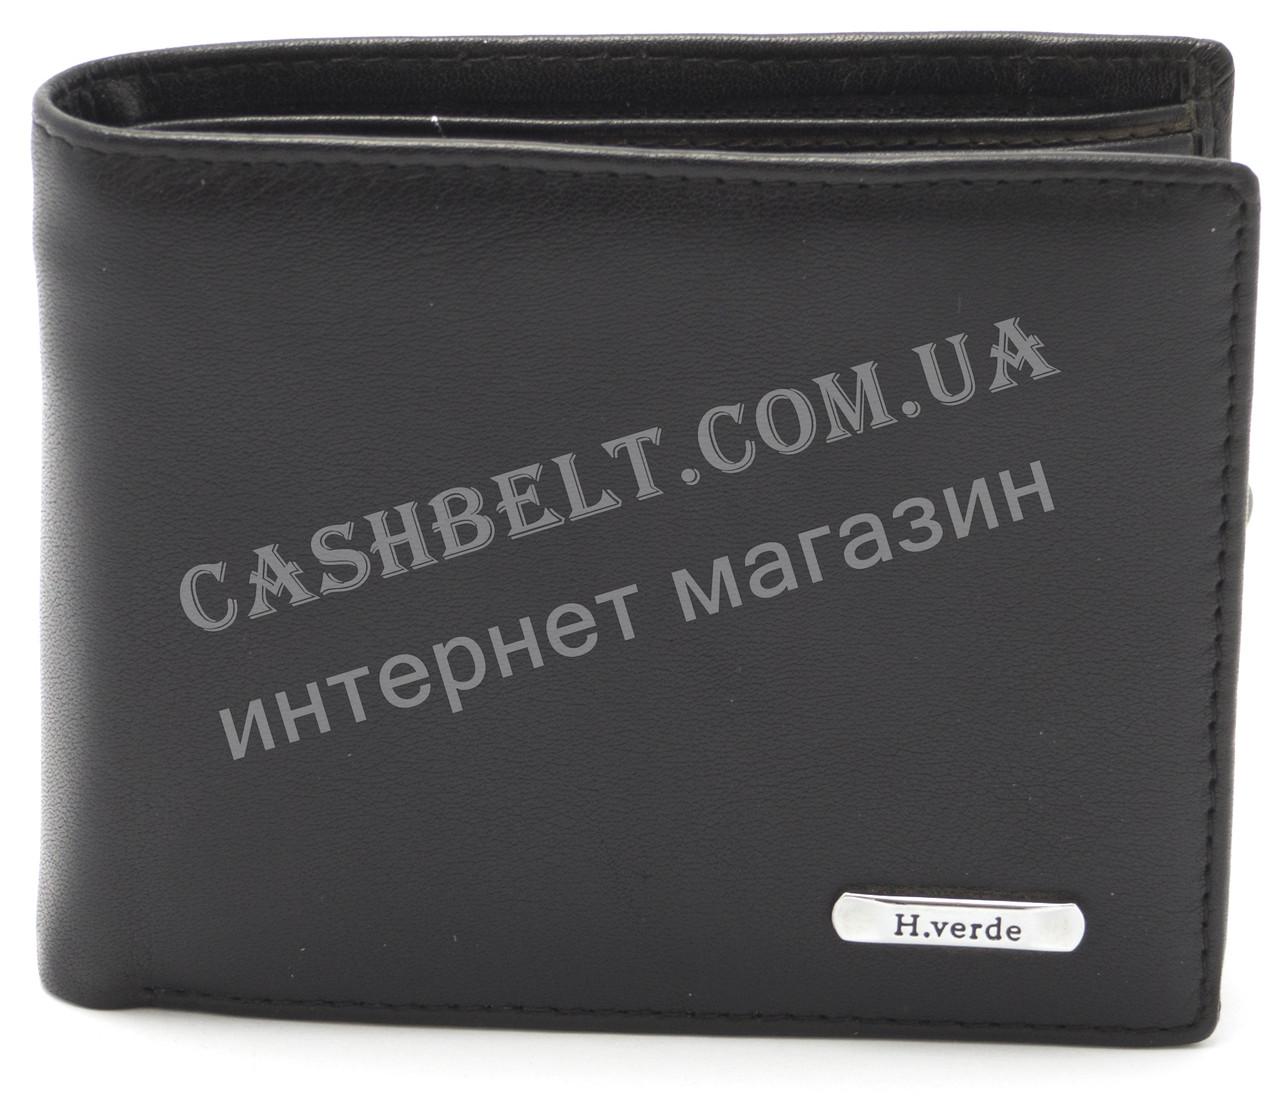 Мужской кожаный прочный стильный кошелек H.Verde art. 9346 черного цвета